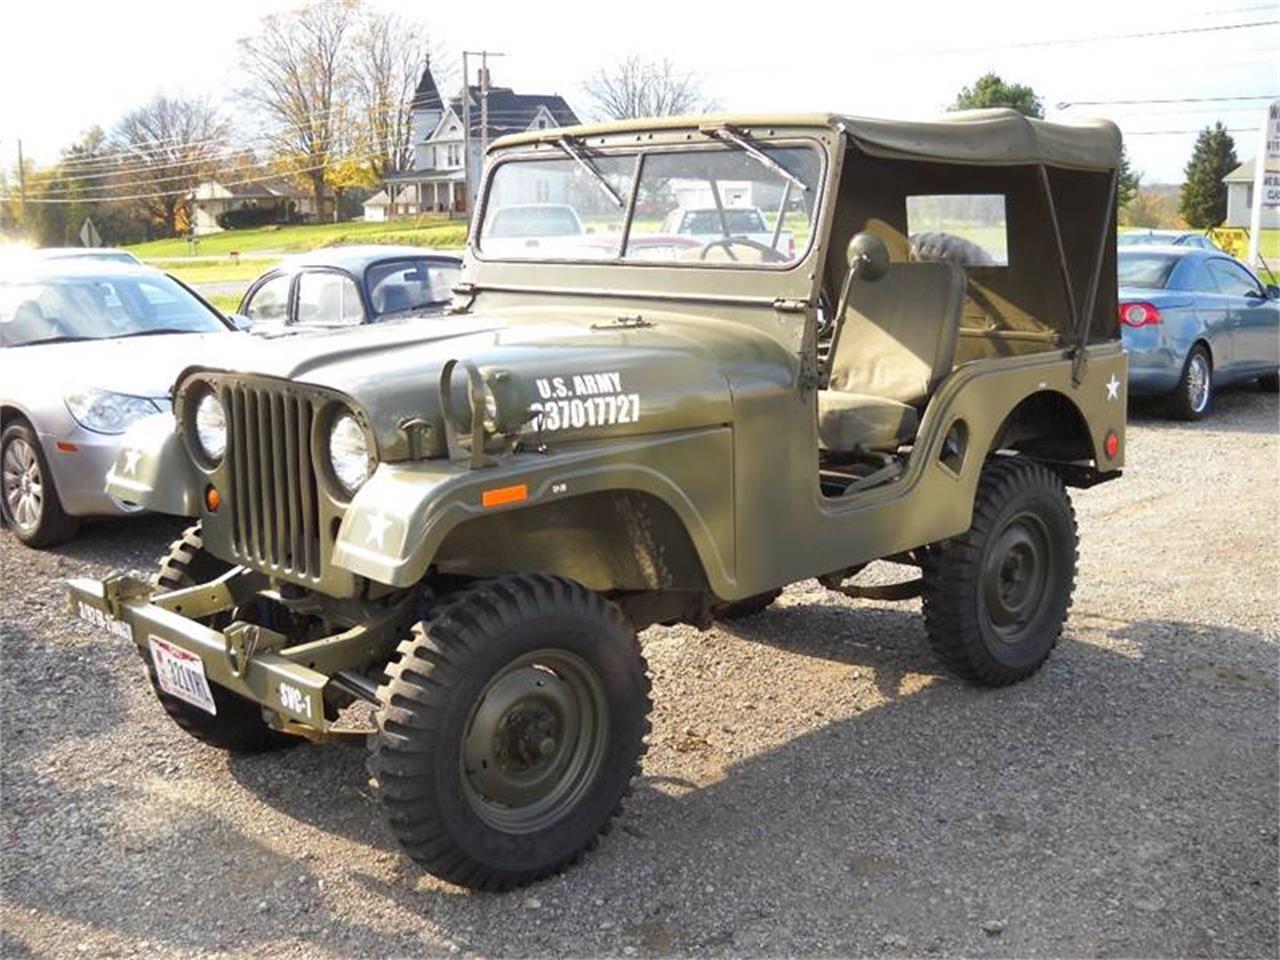 For Sale: 1955 Jeep CJ5 in Ashland, Ohio